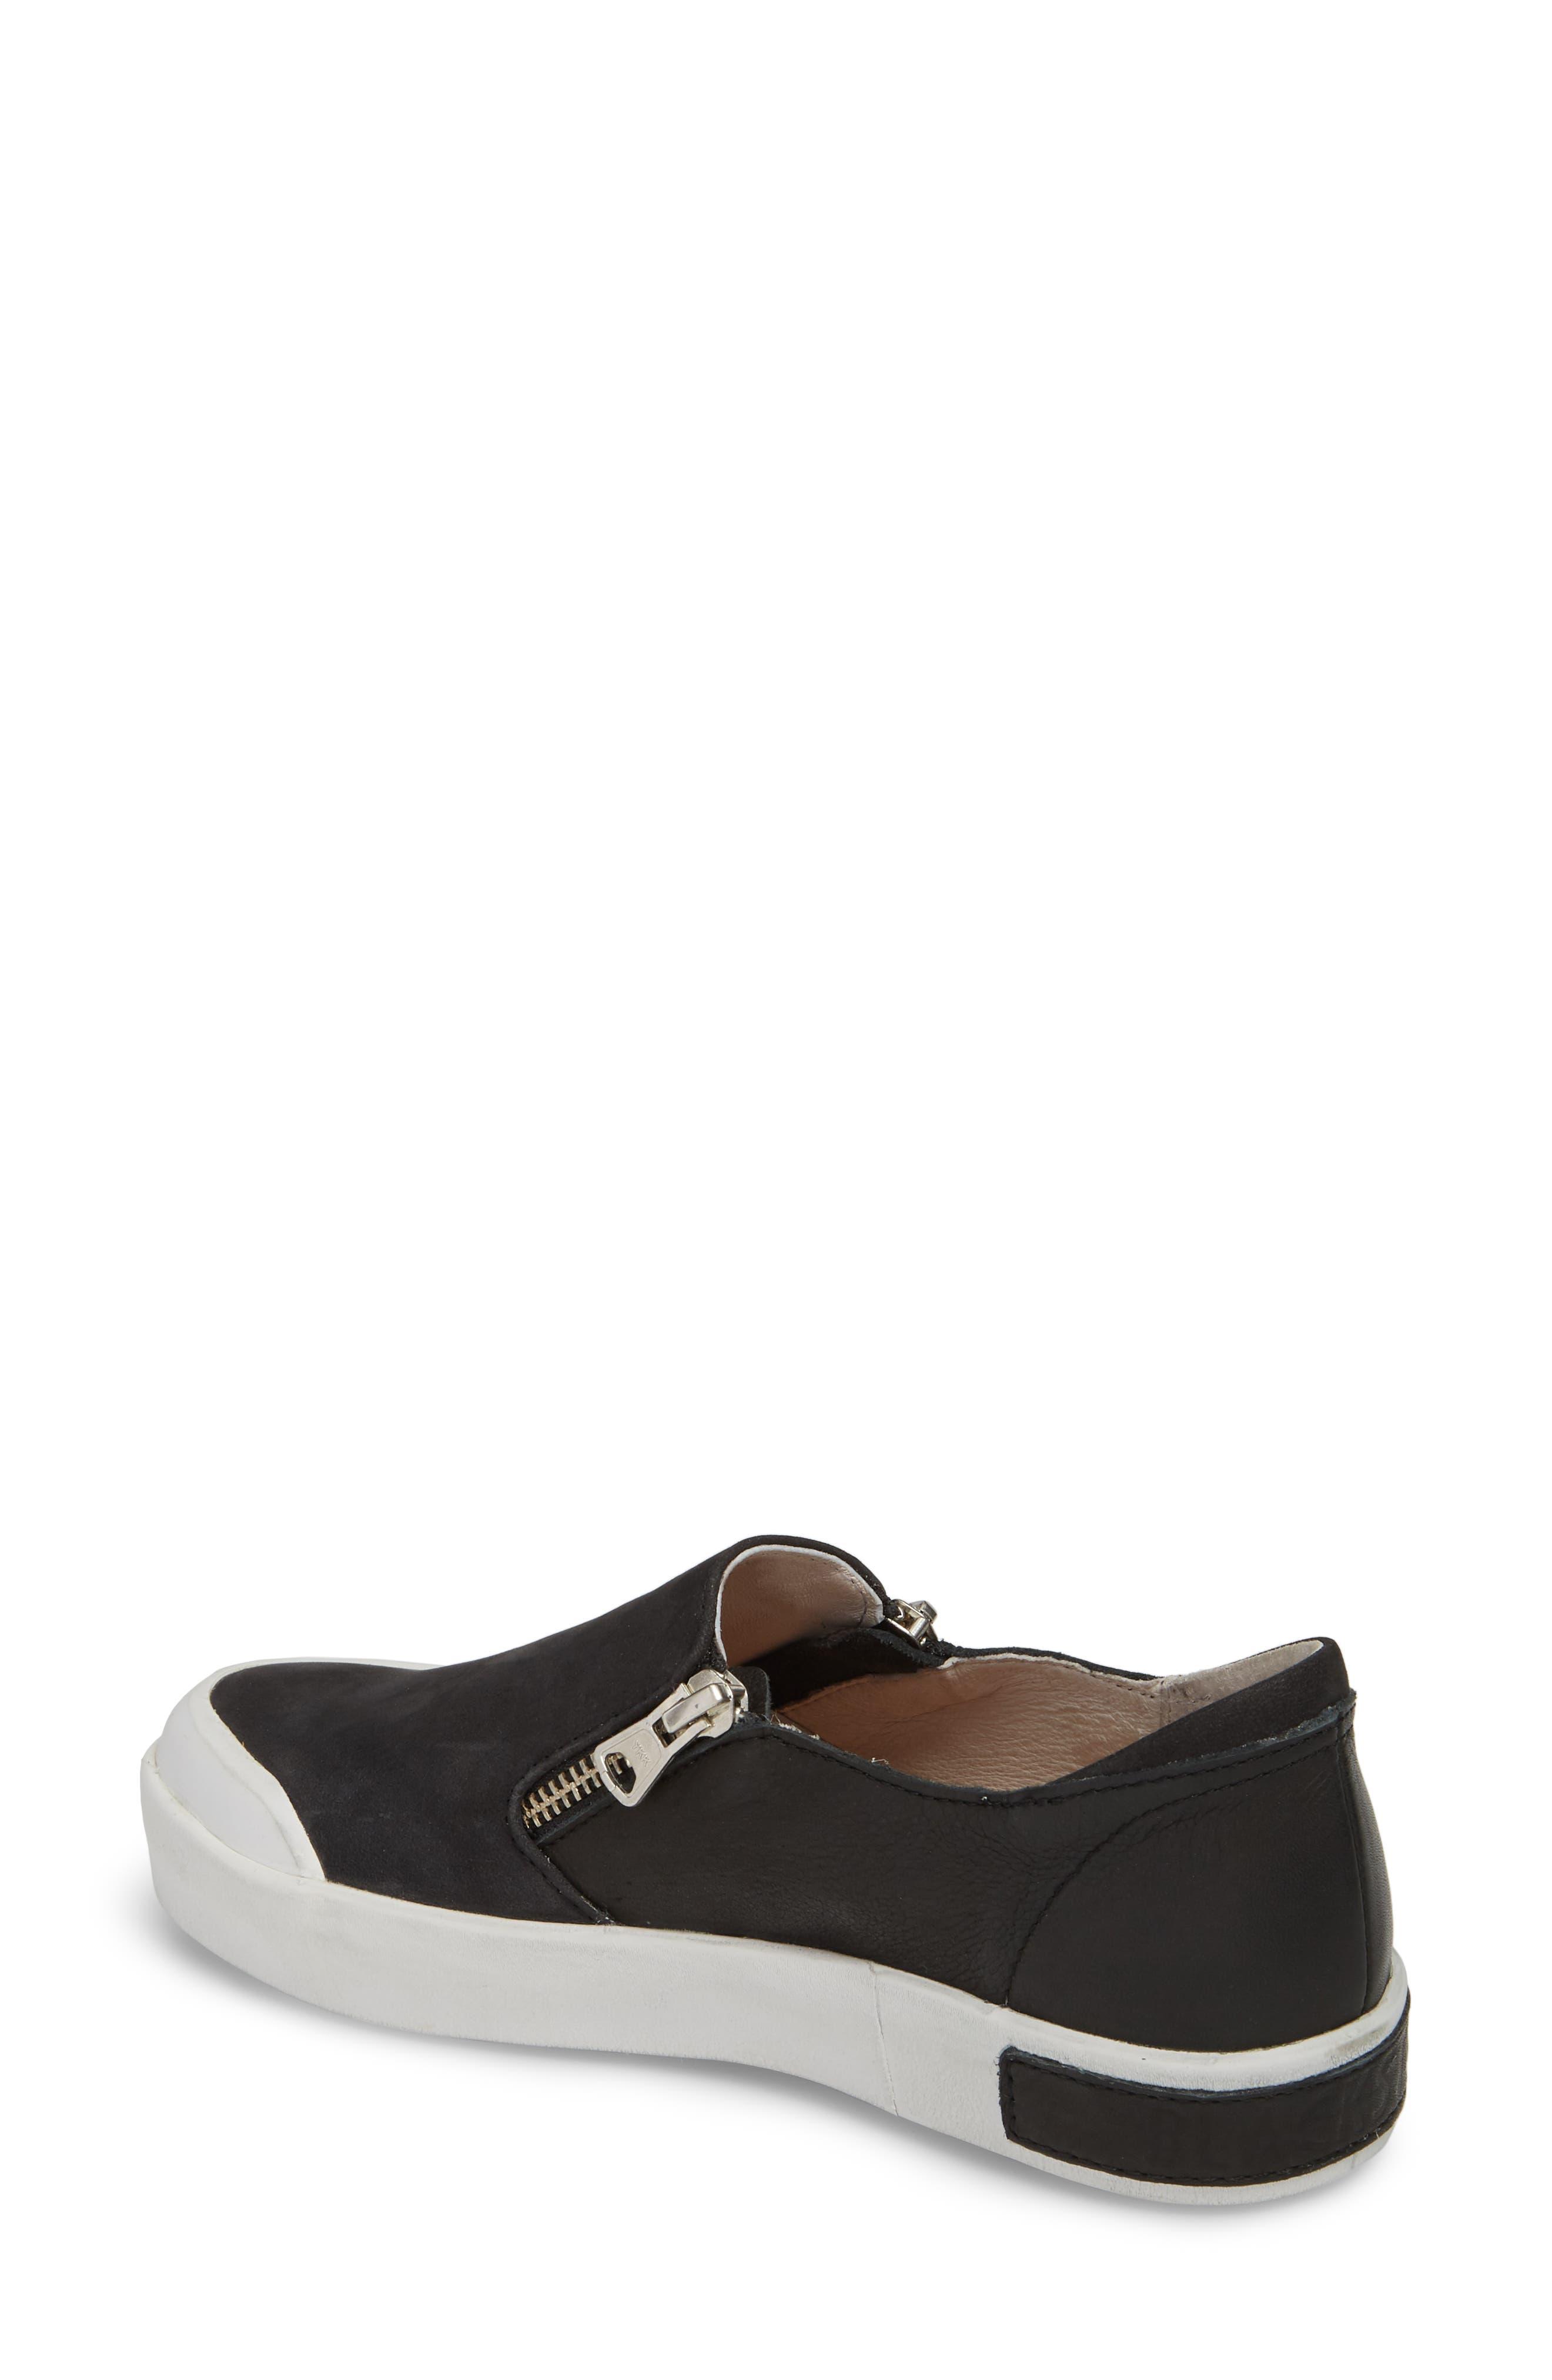 PL82 Slip-On Sneaker,                             Alternate thumbnail 2, color,                             BLACK LEATHER